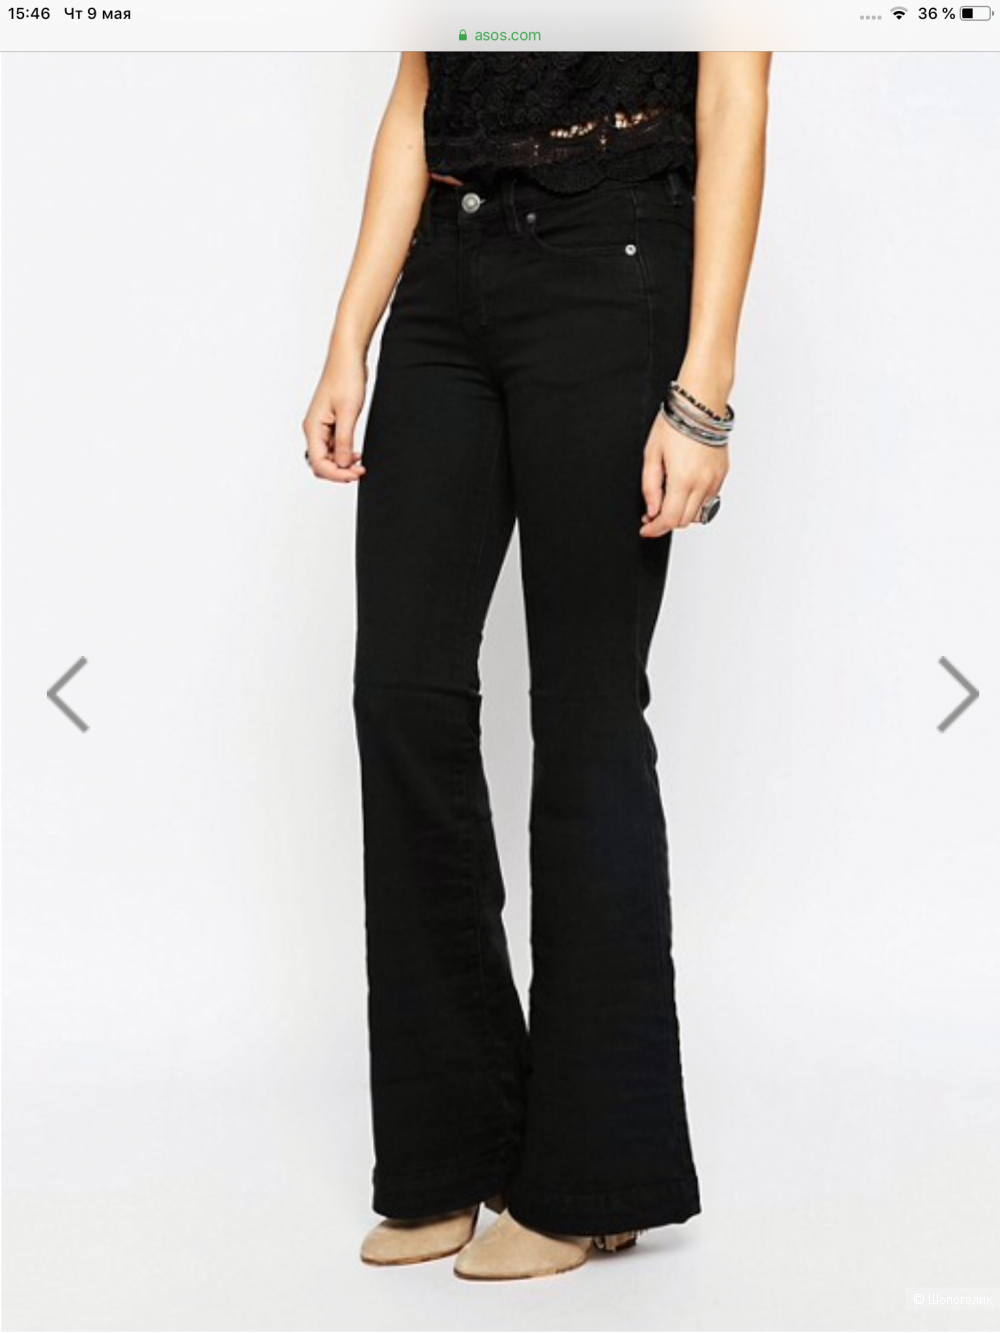 Джинсы Free People, 26 джинсовый размер